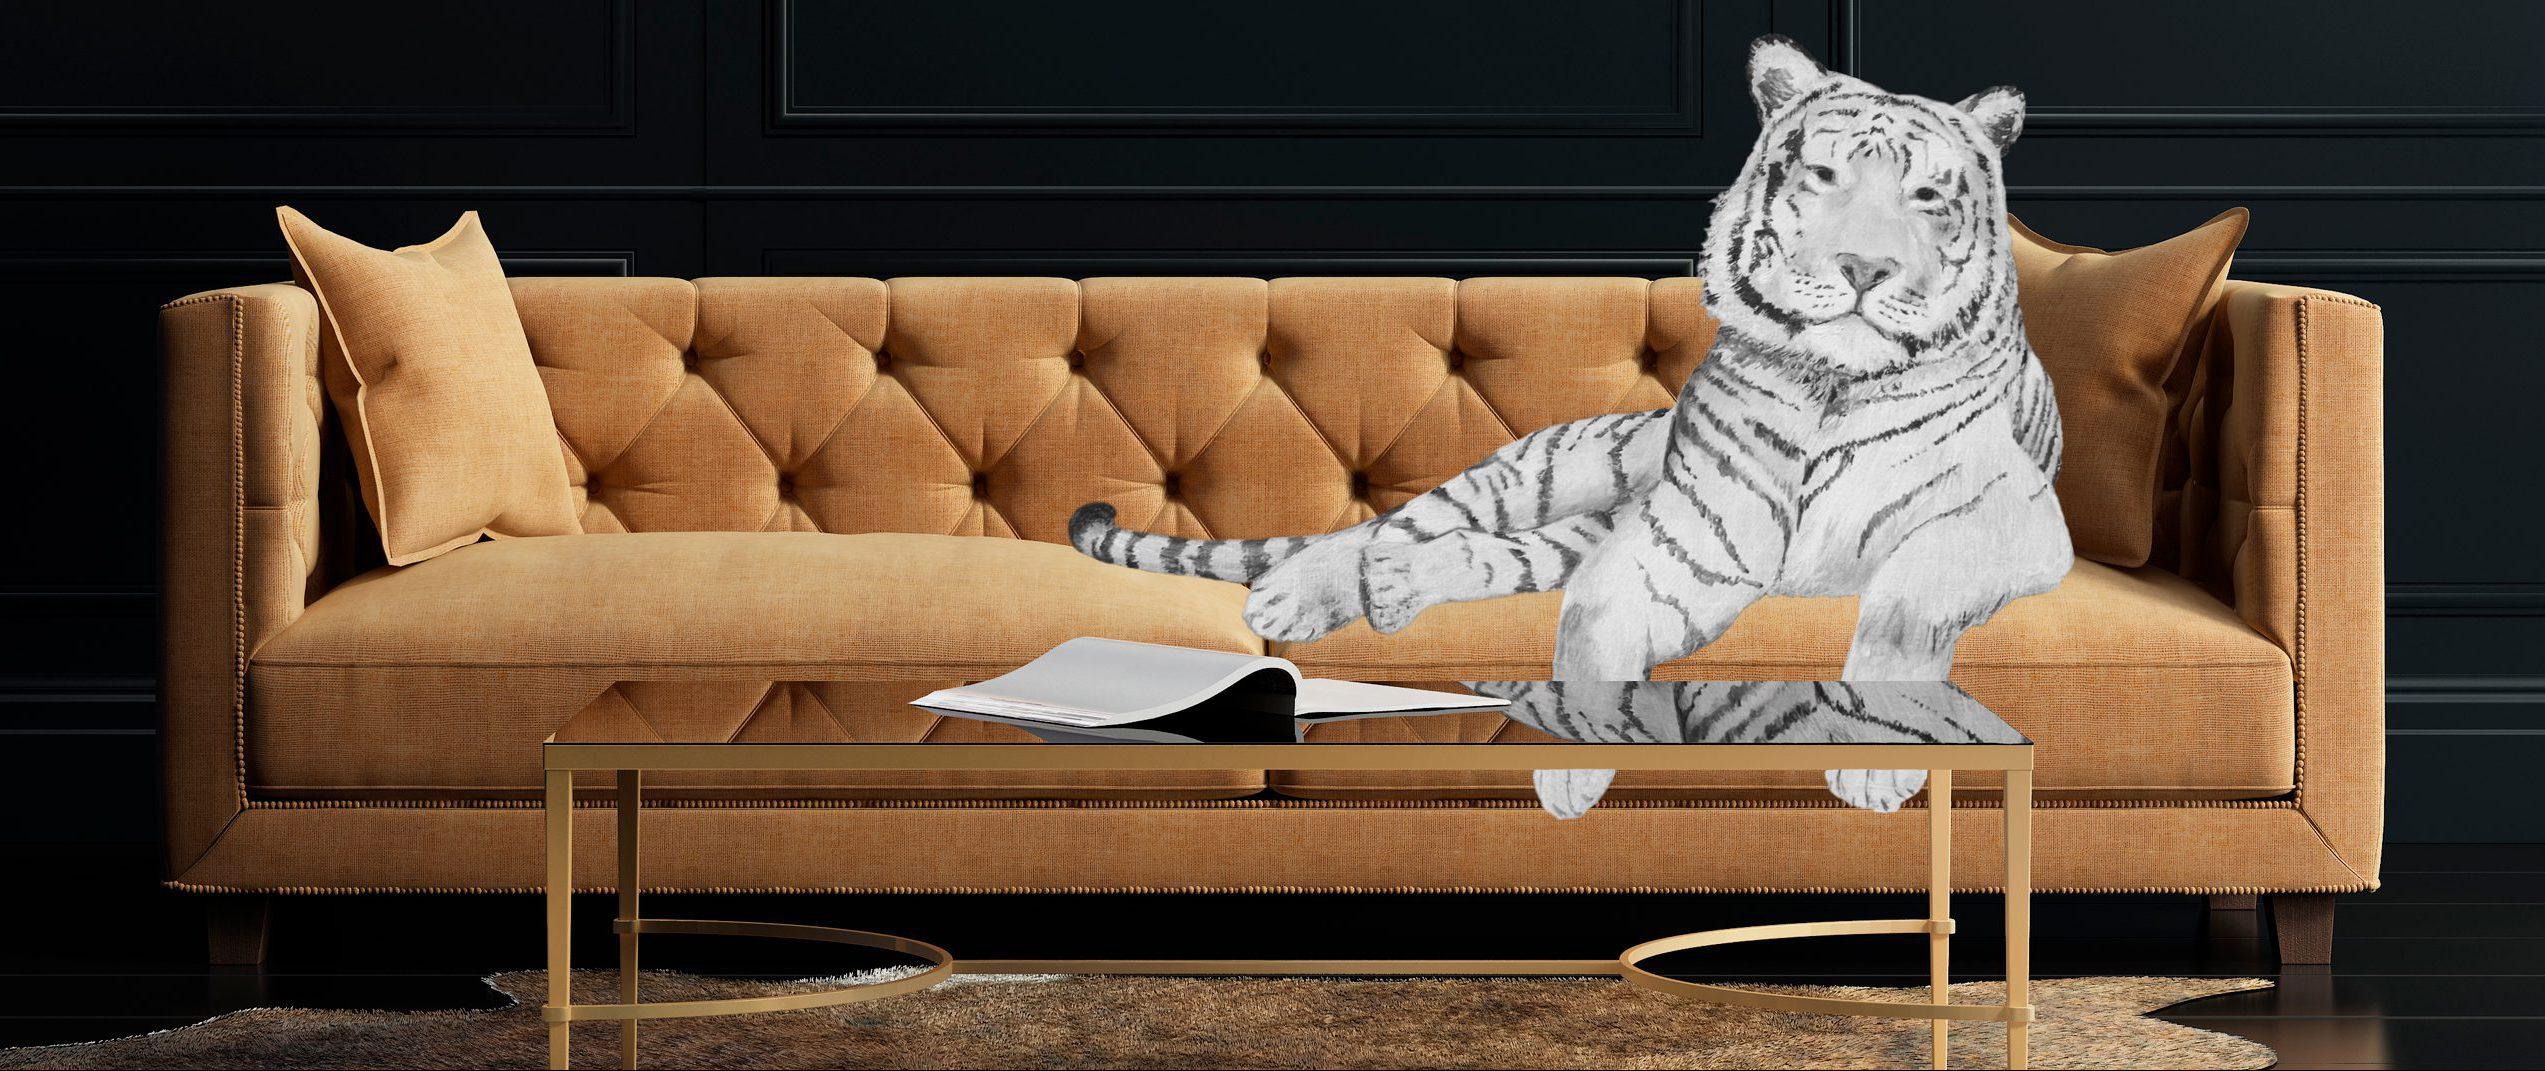 Kuvituskuva tiikeristä makoilemassa sohvalla